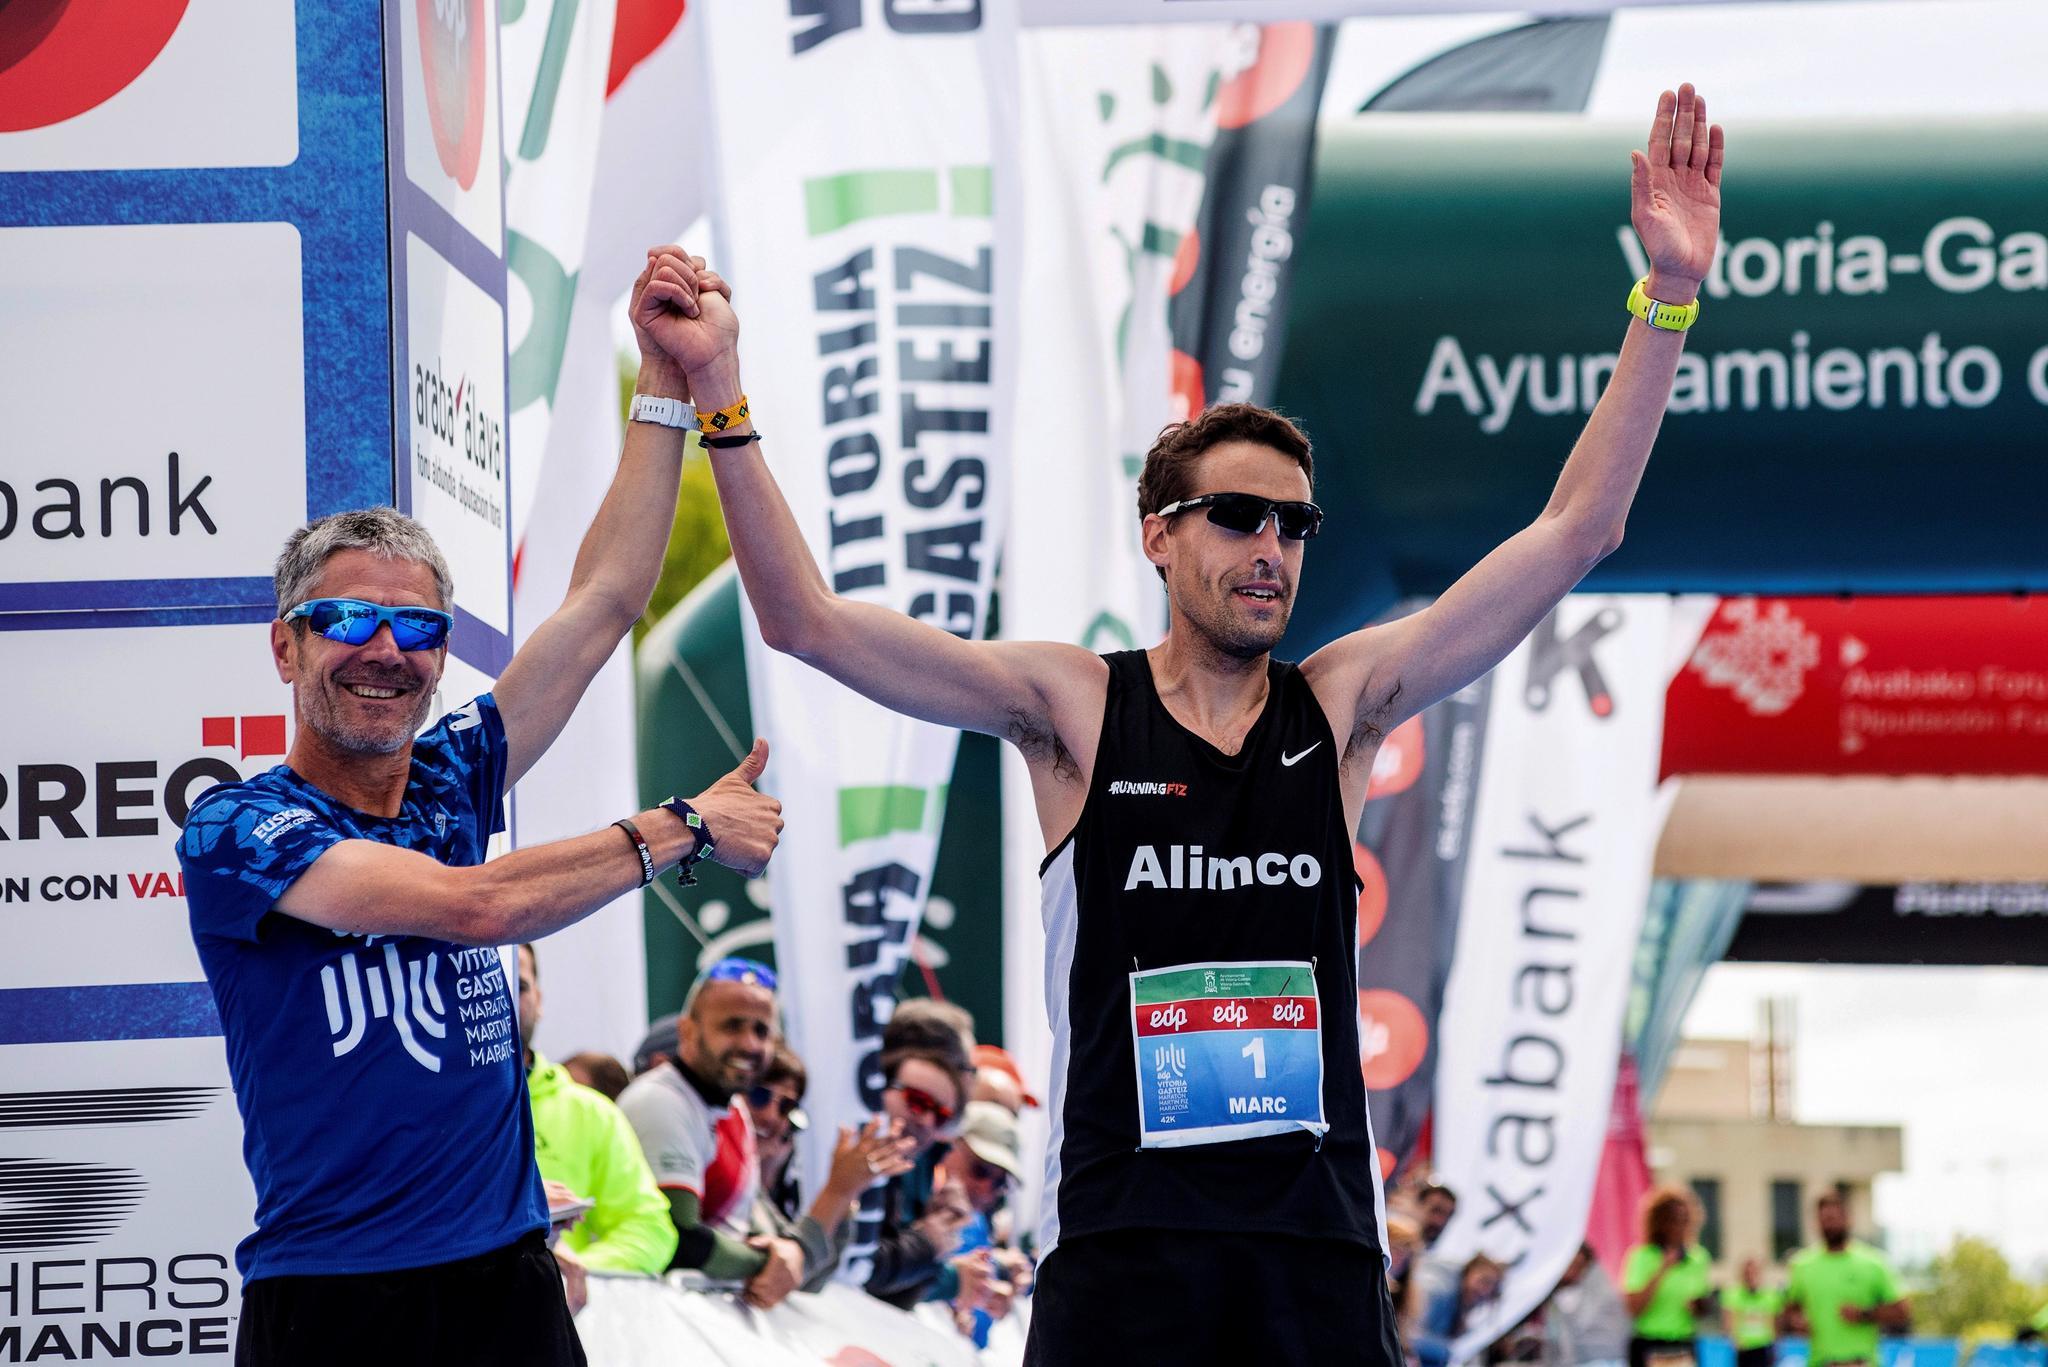 Martín Fiz felicita a Marc Hurtado al término de la carrera.